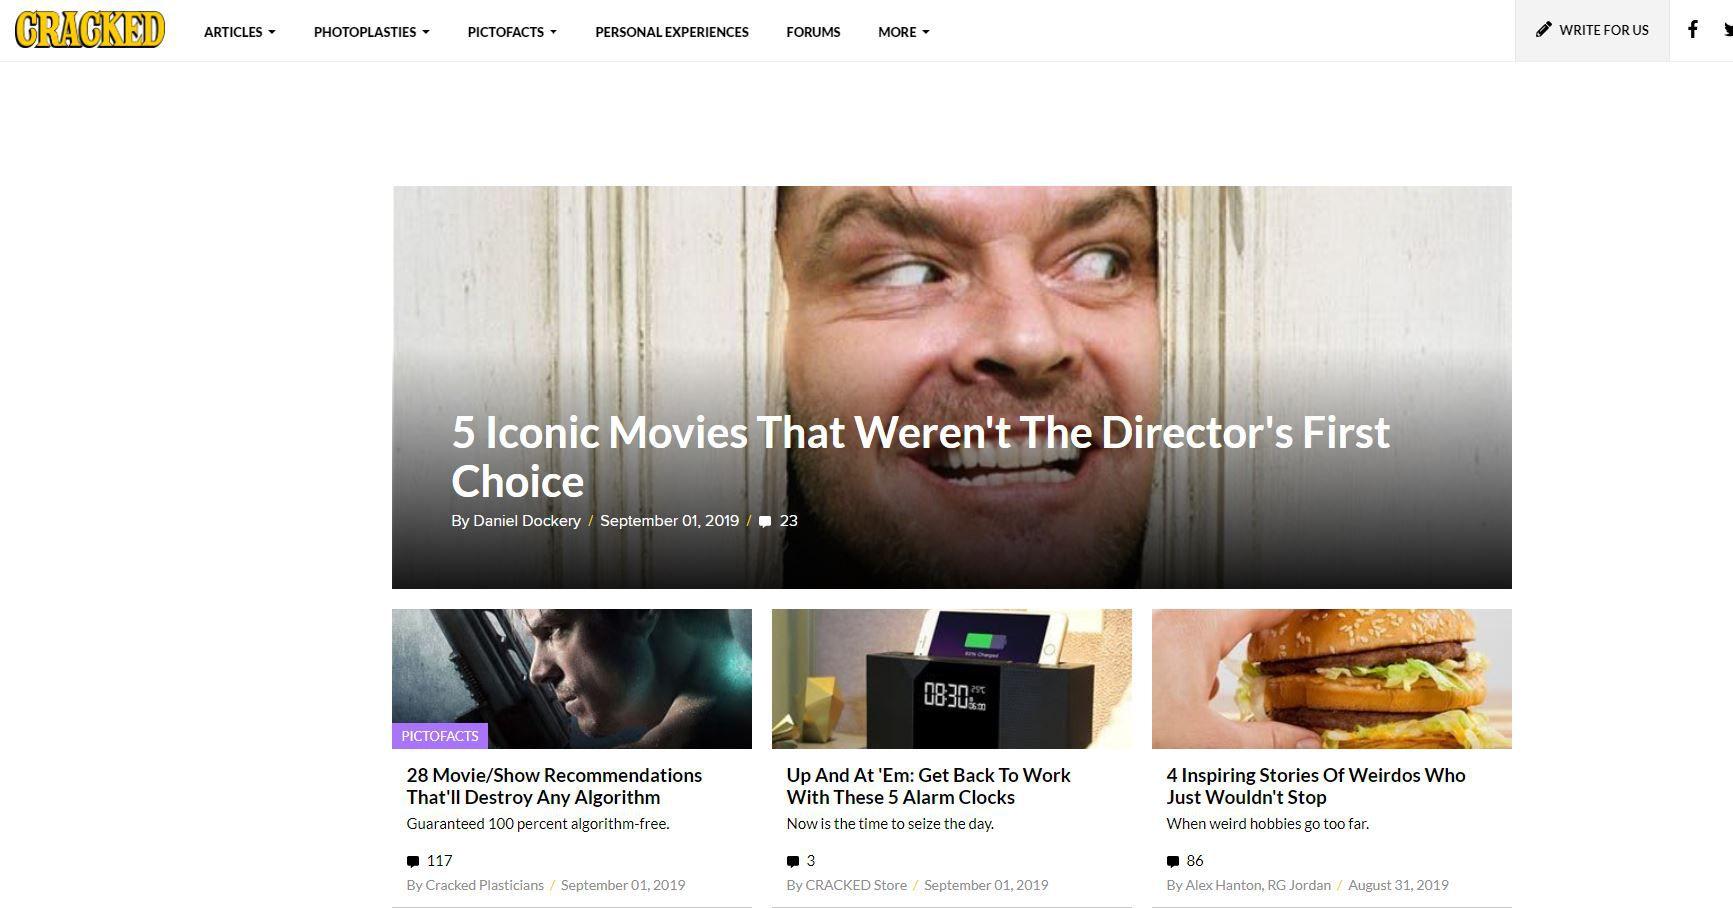 Cracked.com website